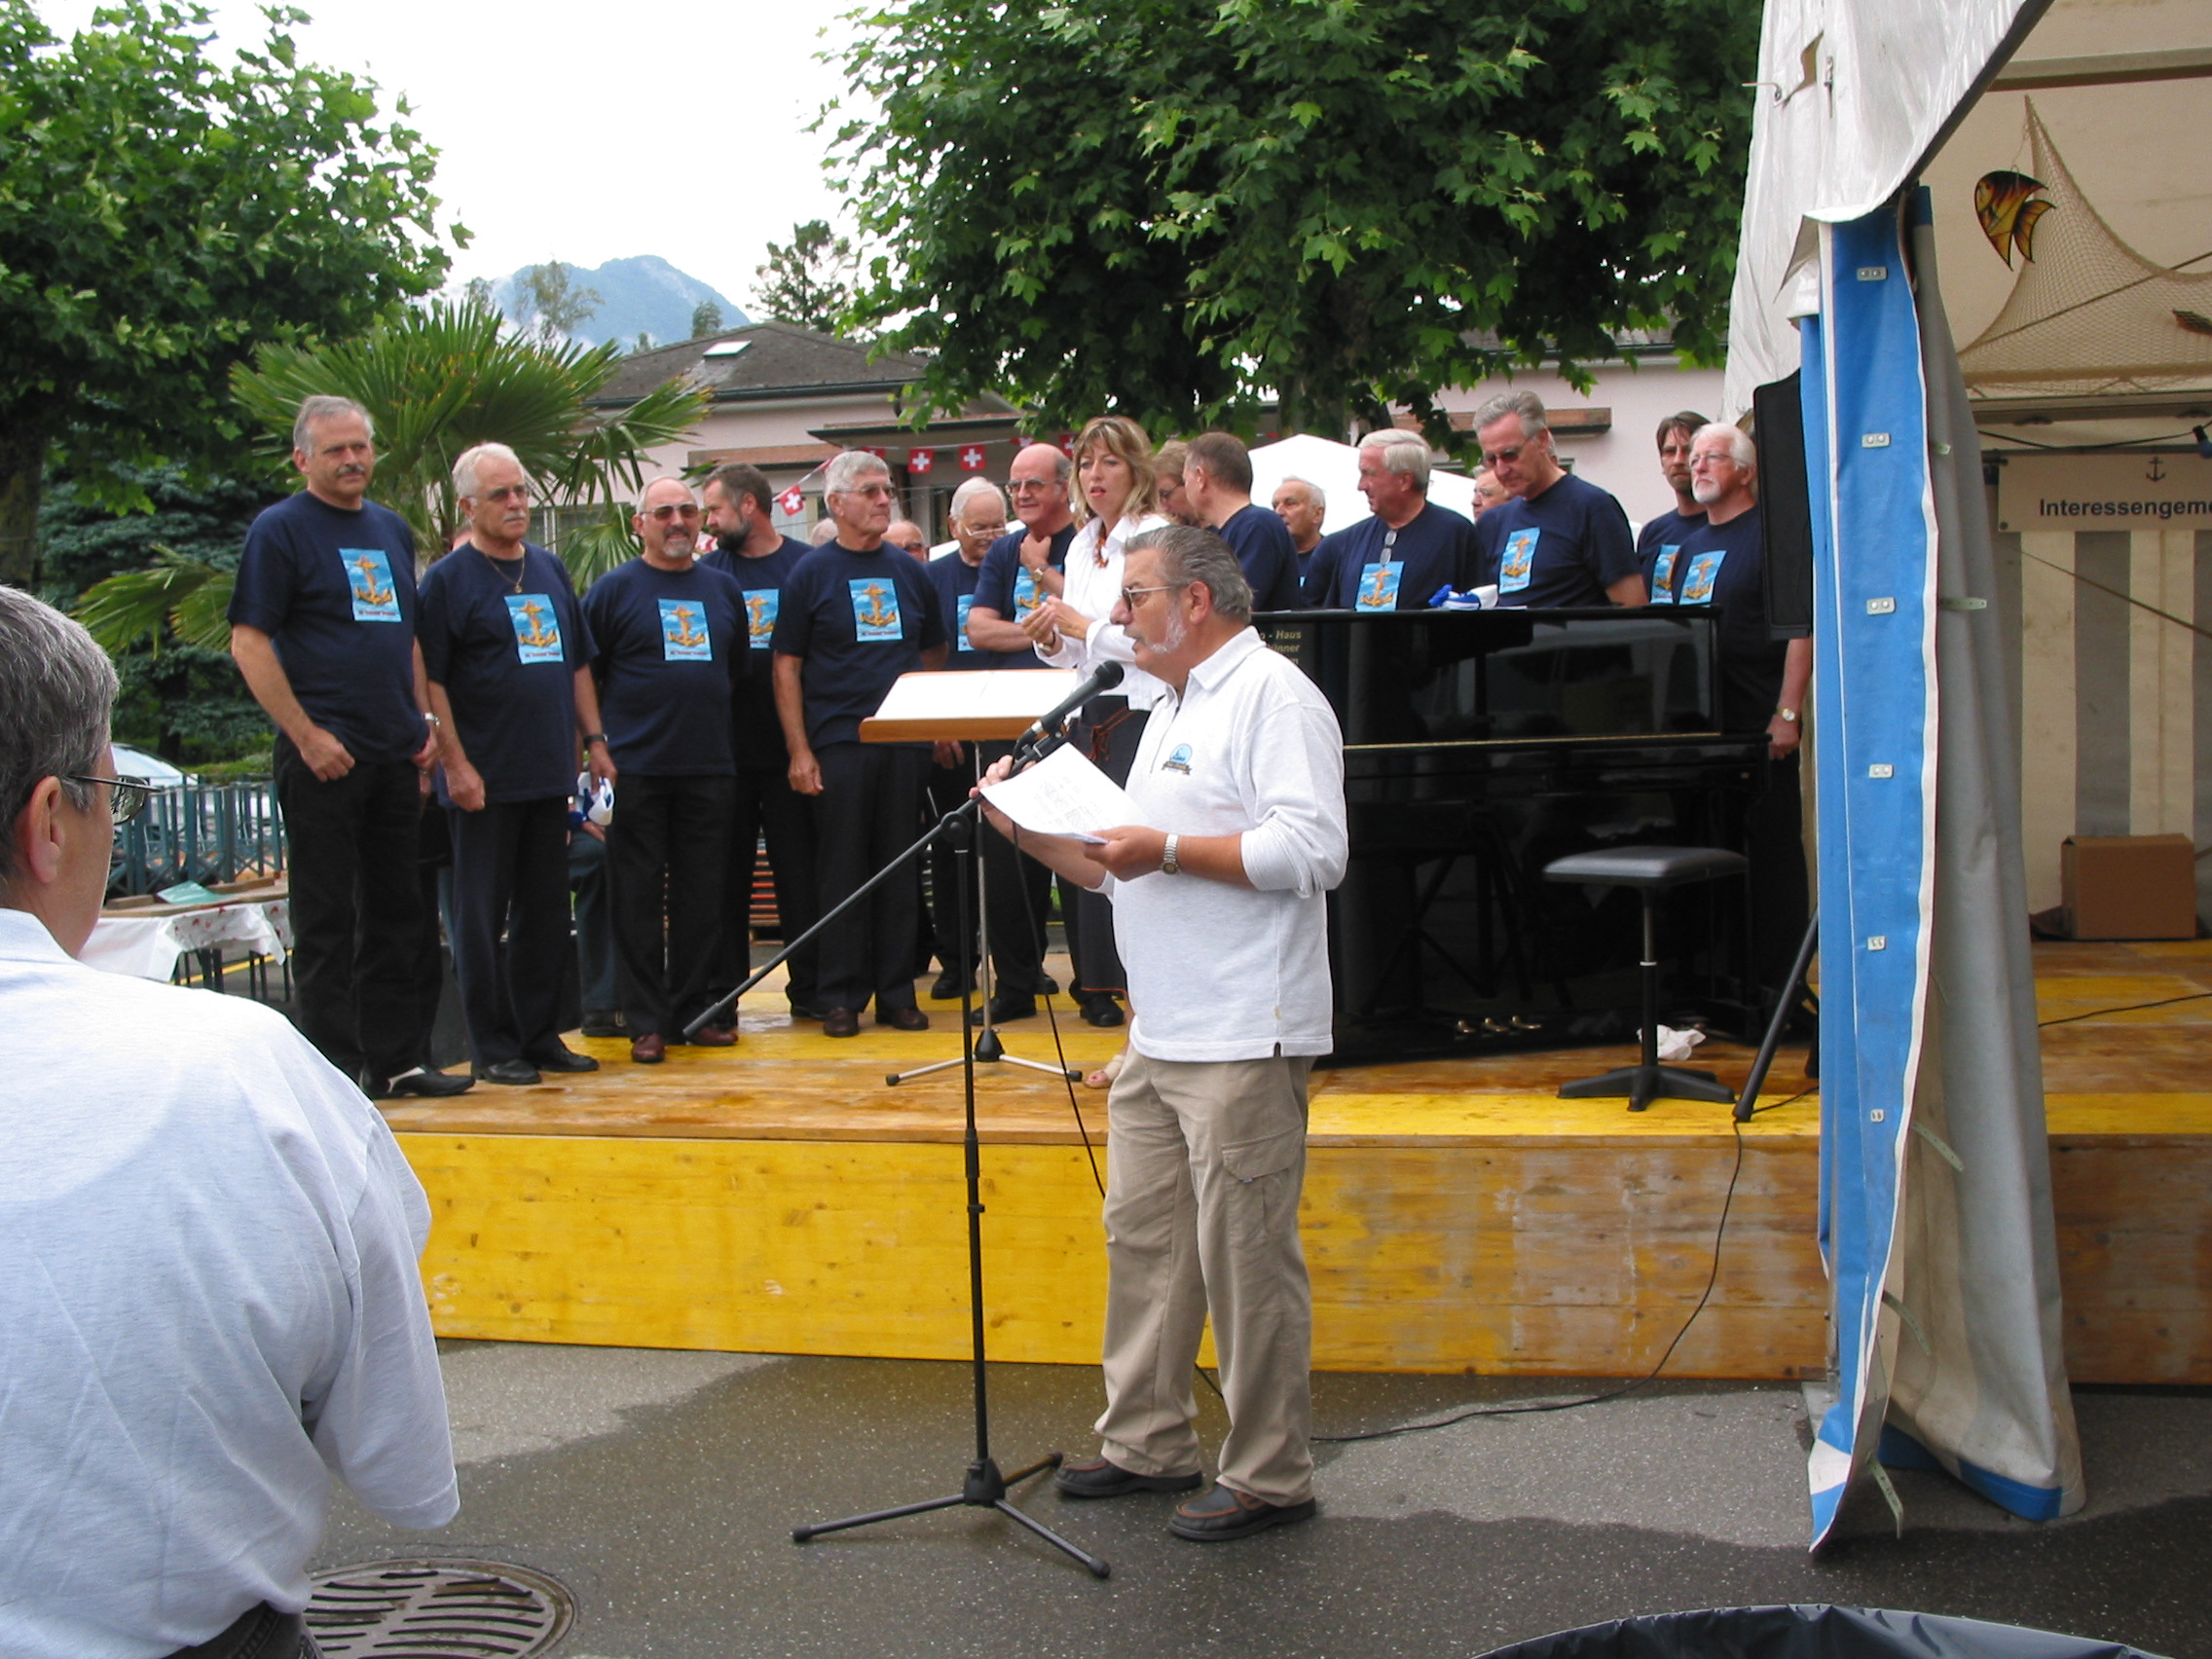 igf-hafenfest-brunnen-2005-04